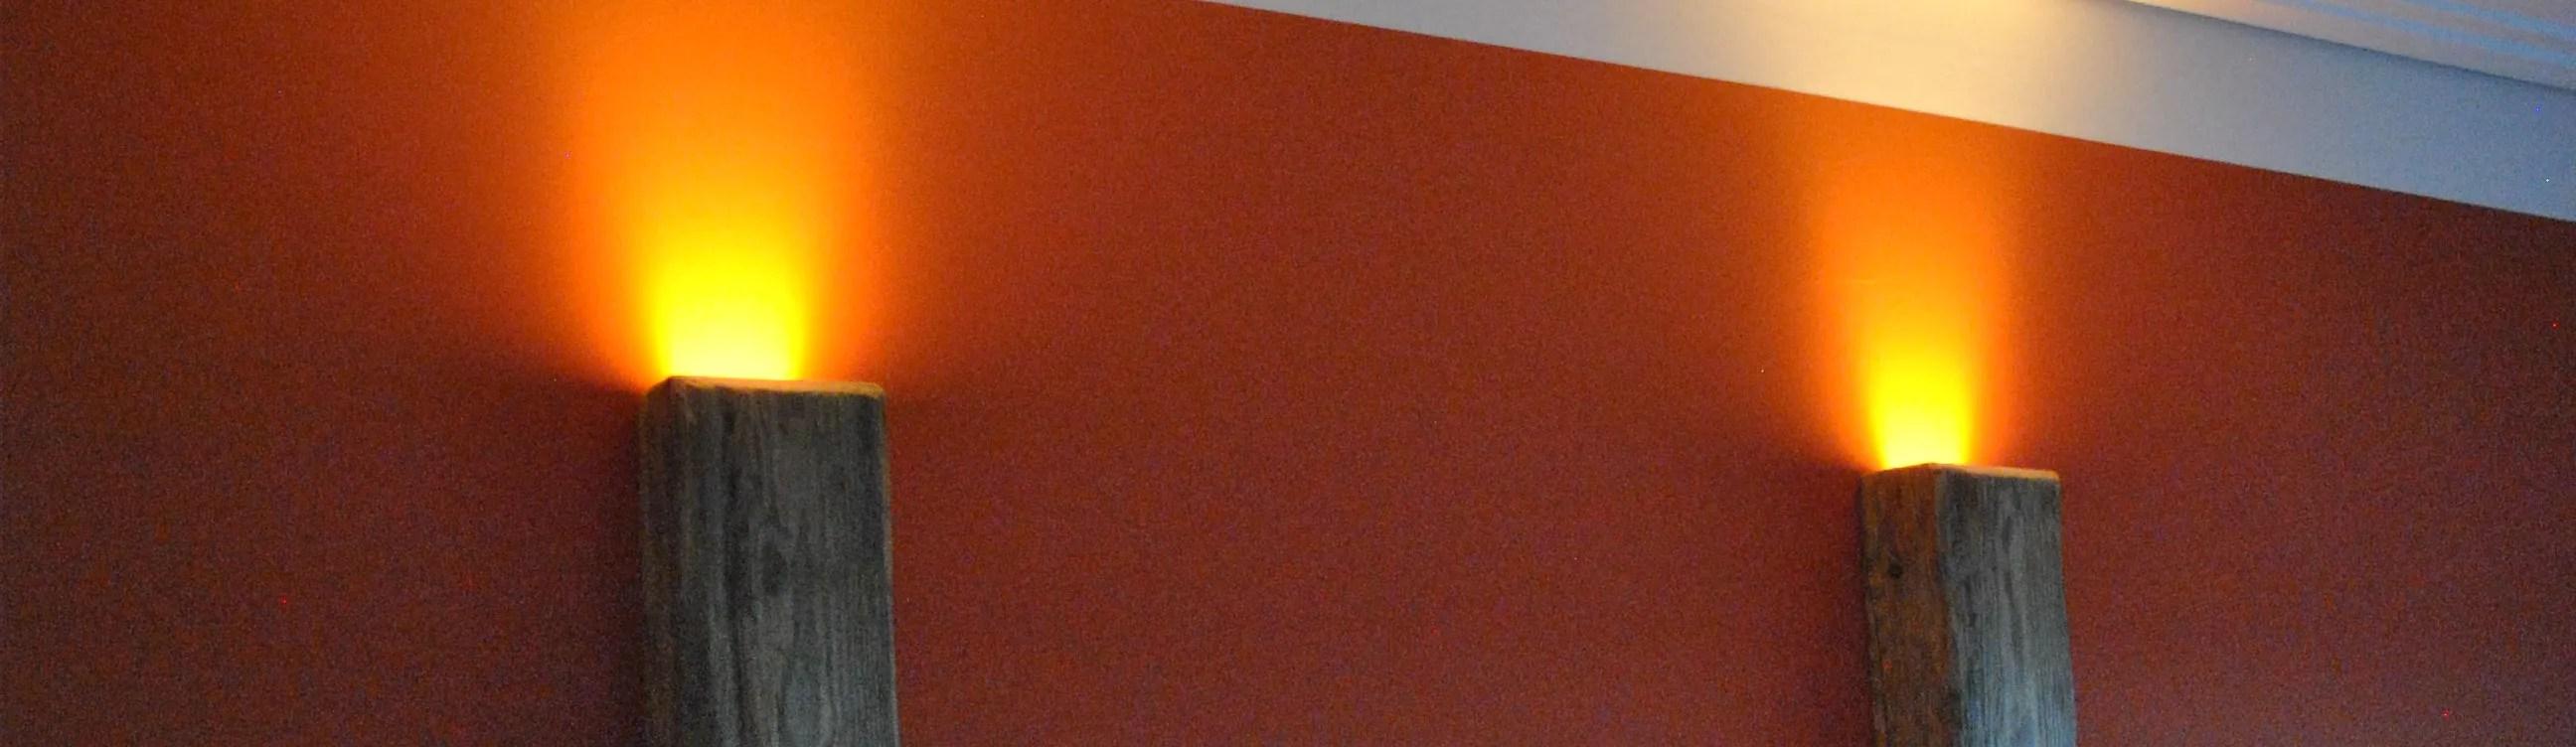 Altholz Wandlampen mit LED von AltholzIdeen  homify